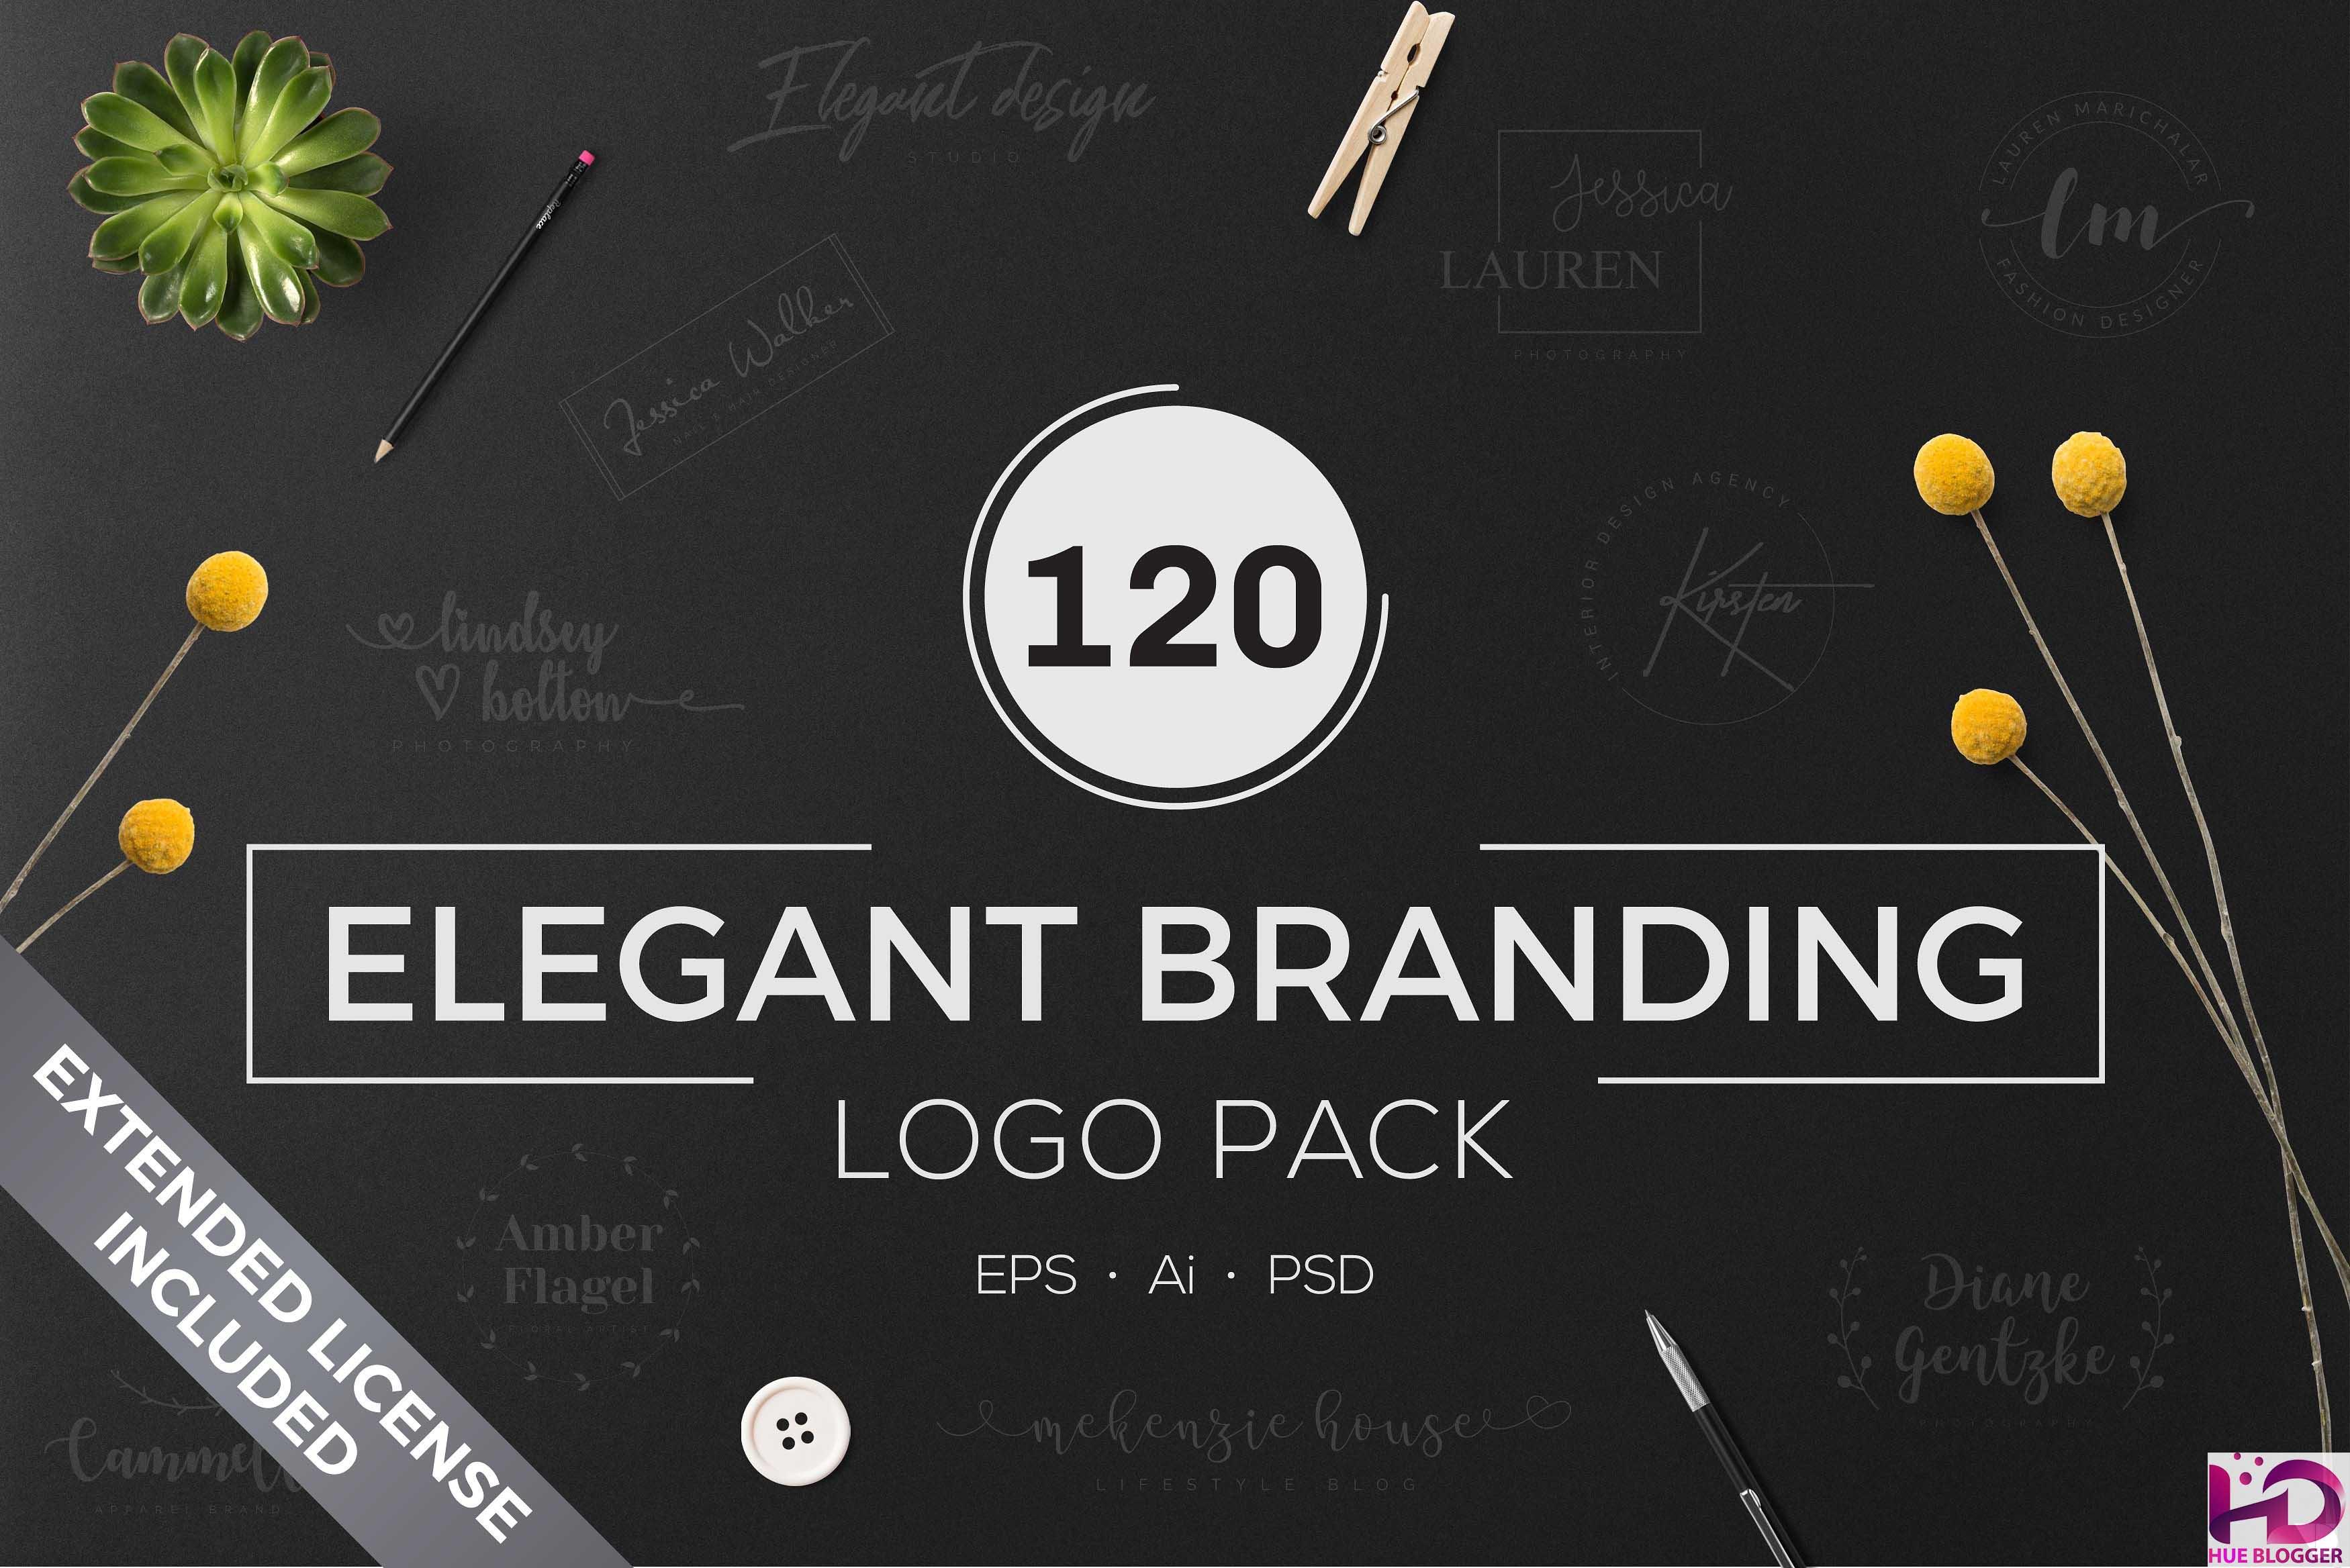 100+ Mẫu thiết kế logo chữ dành cho designer